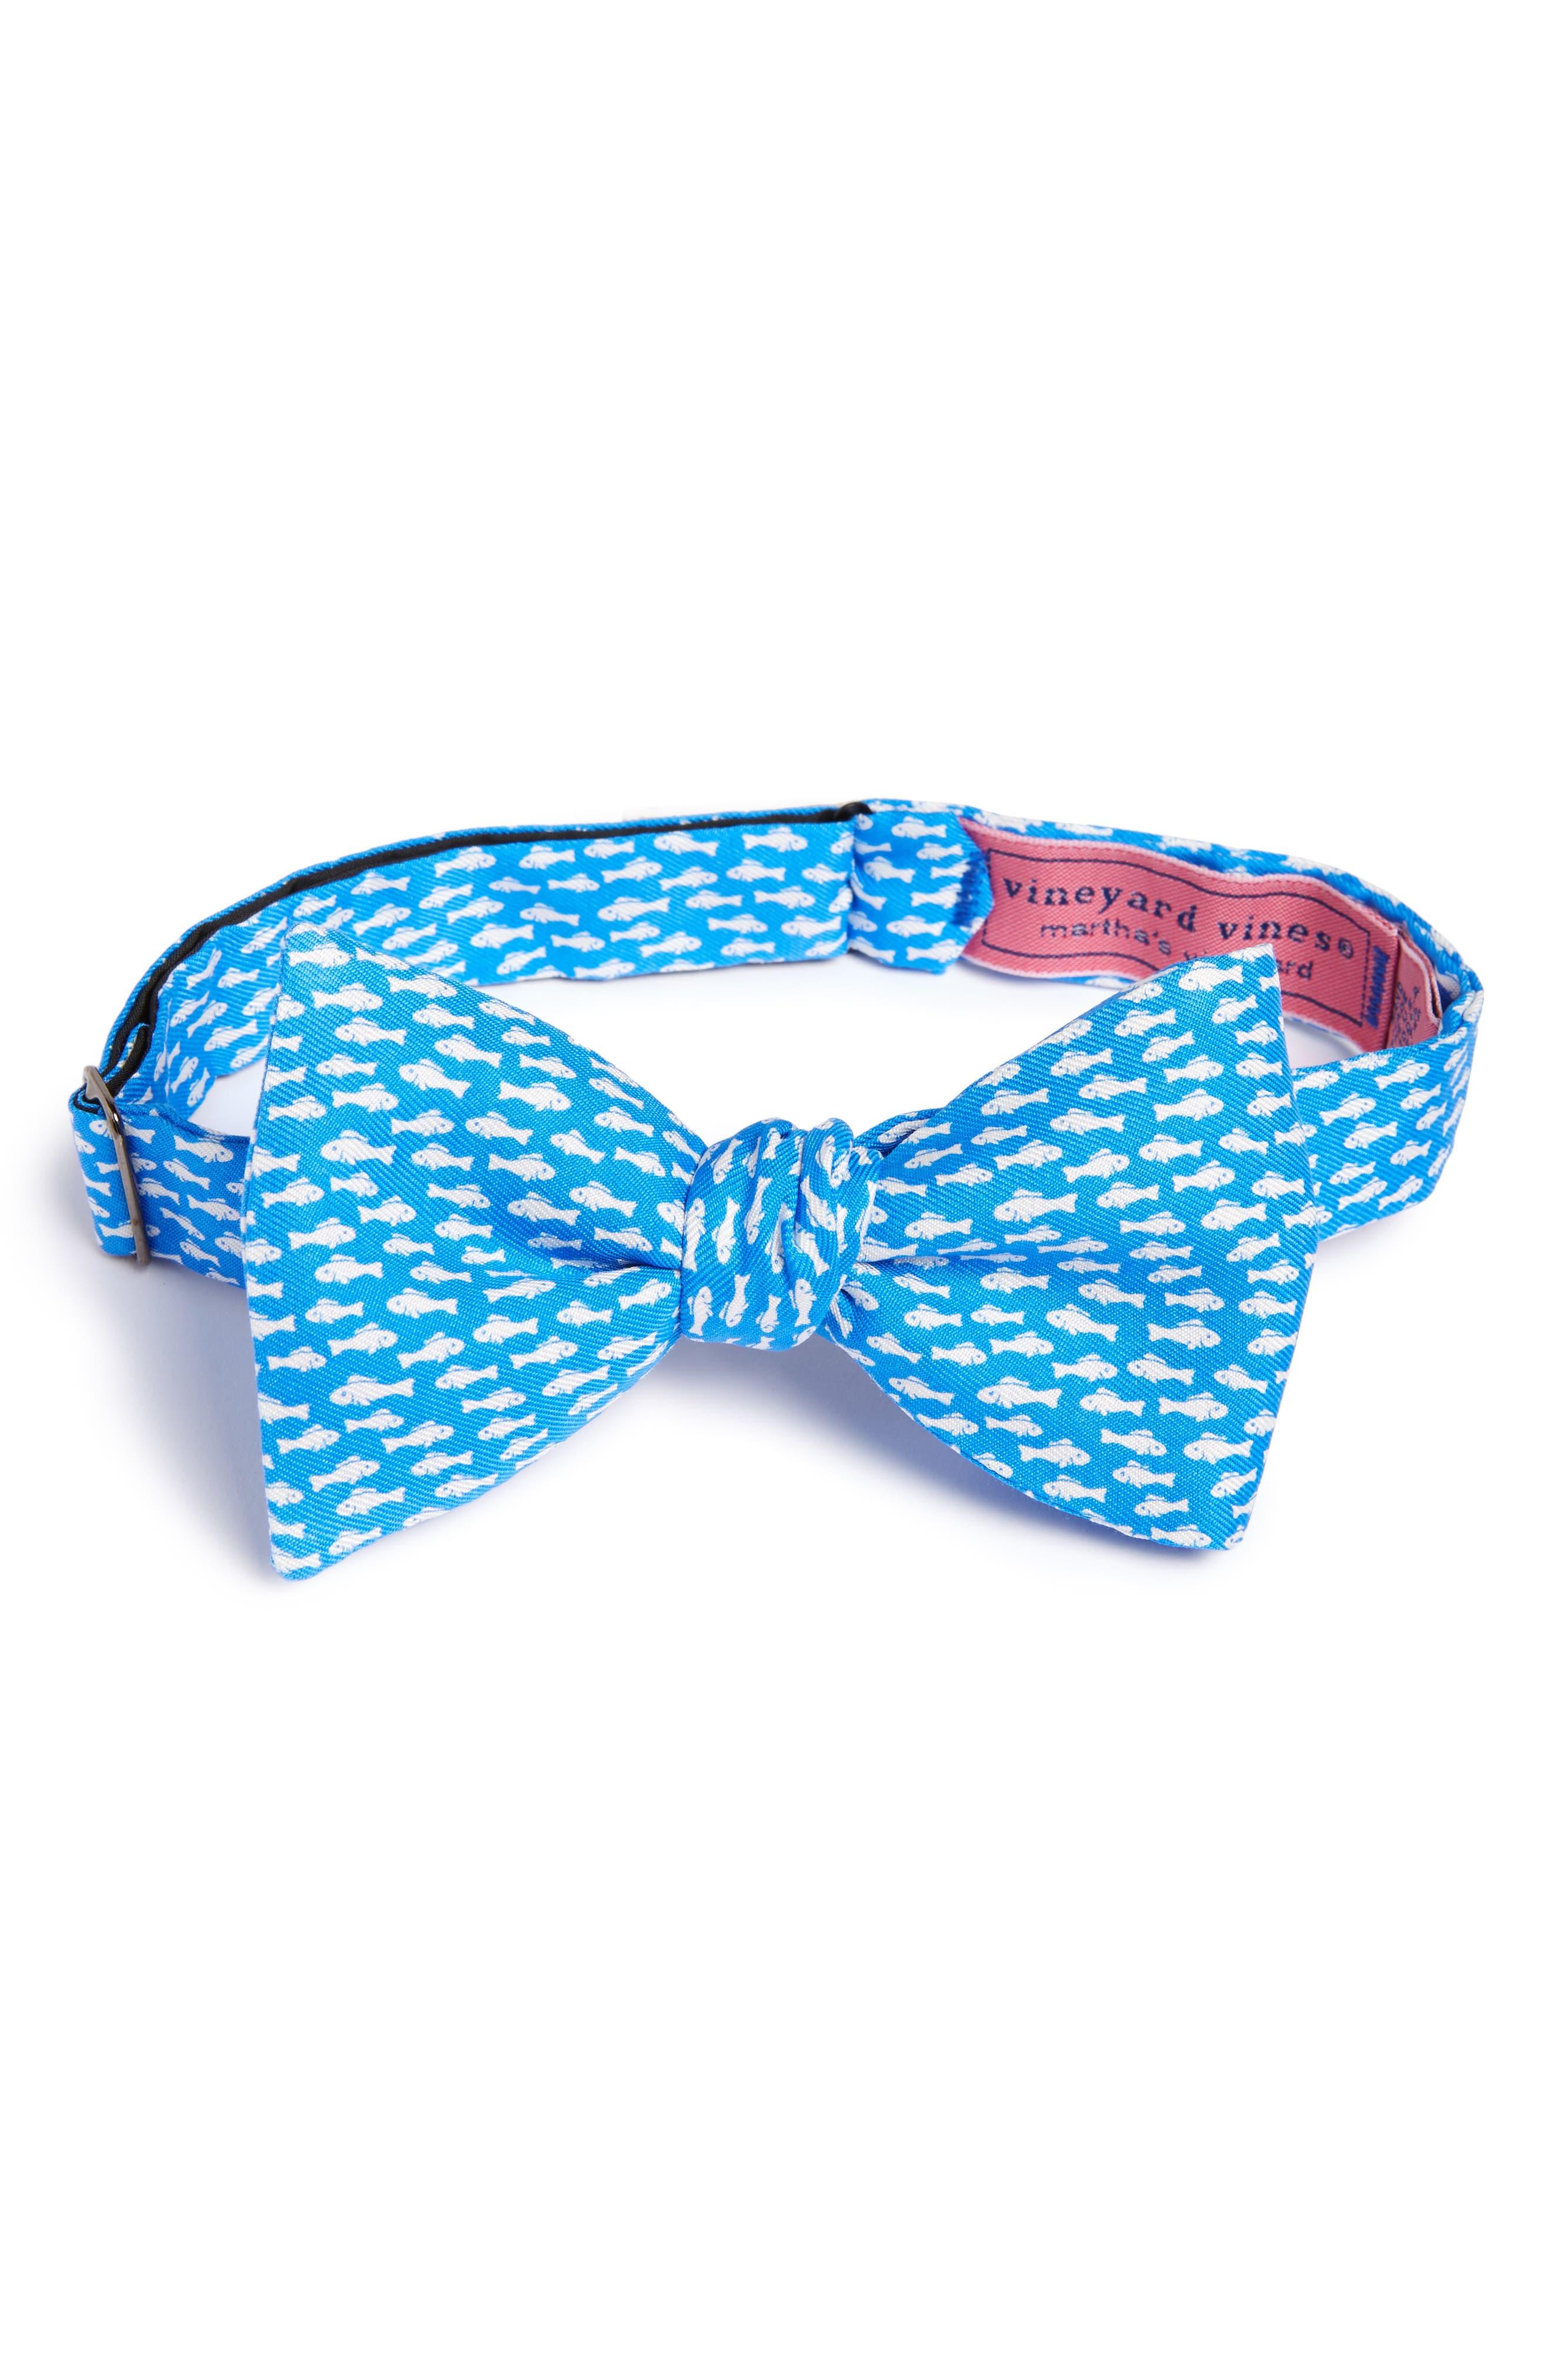 Go Fish Silk Bow Tie,                         Main,                         color, 420